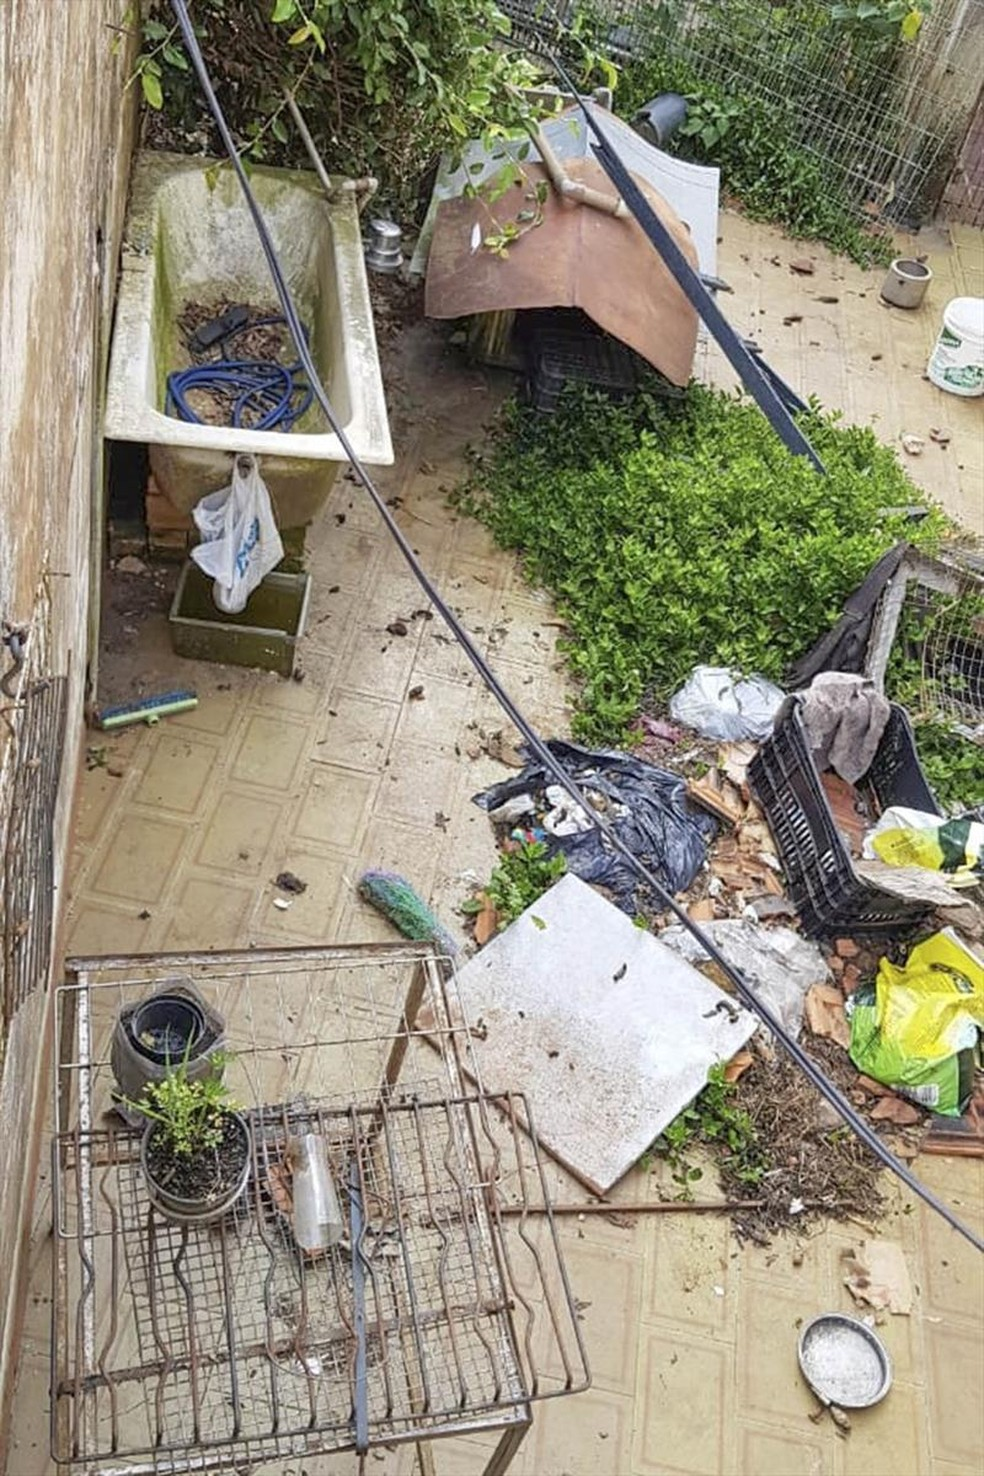 Funcionários constataram, principalmente, falta de higiene no ambiente e nos cachorros — Foto: Divulgação/Prefeitura de Curitiba